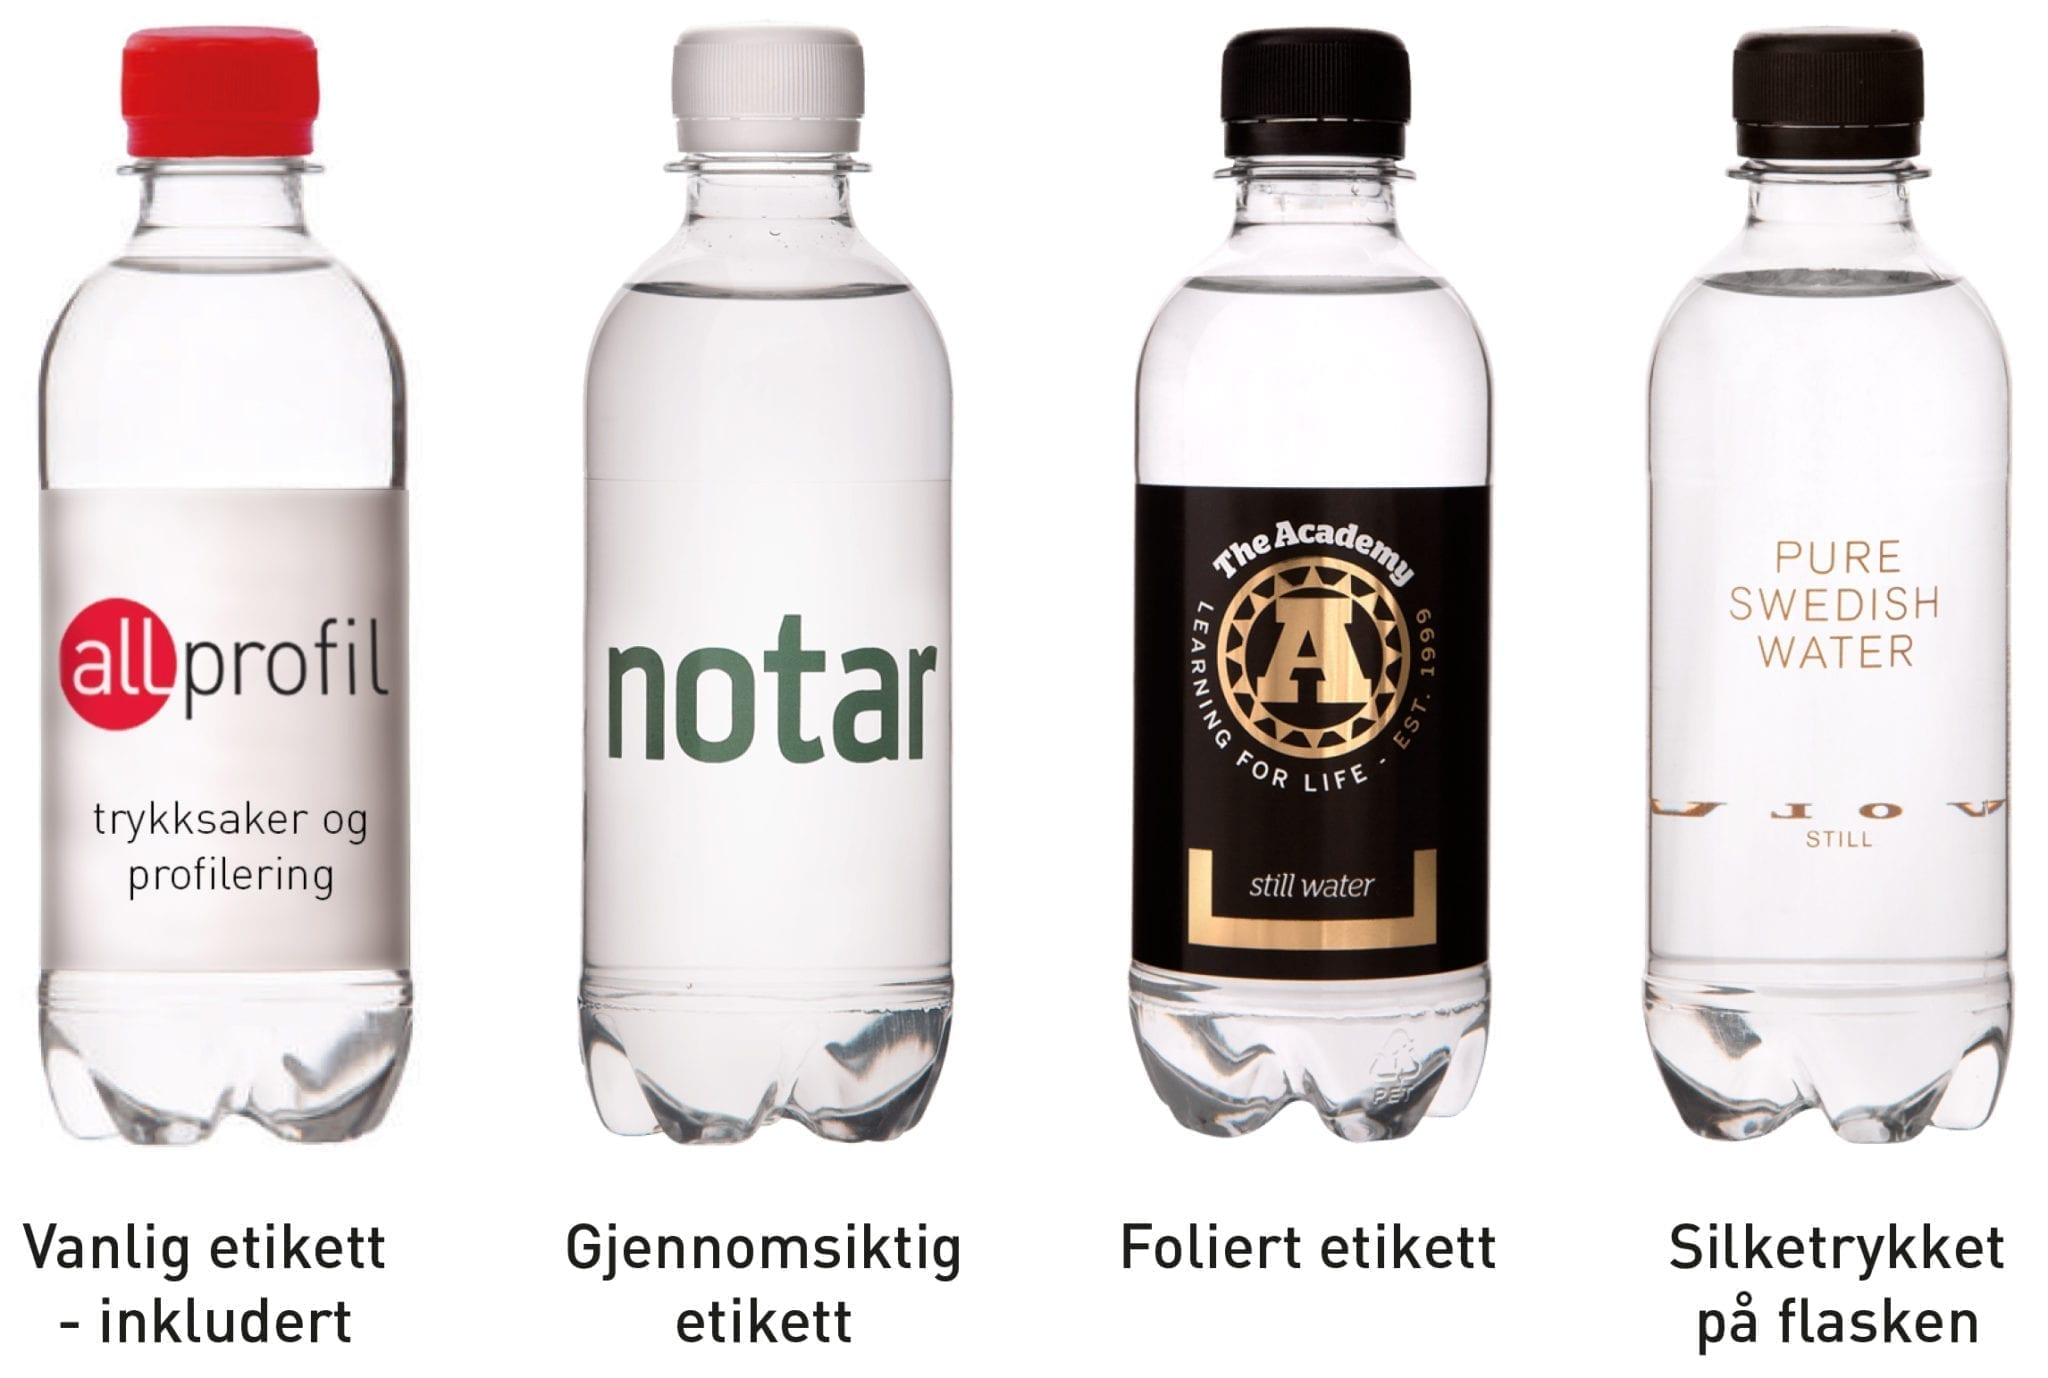 Profilvann-flasker, eksempler - Allprofil AS - Trykksaker - Profilering - Klær - Digital skilting - Tjenester - Kontakt